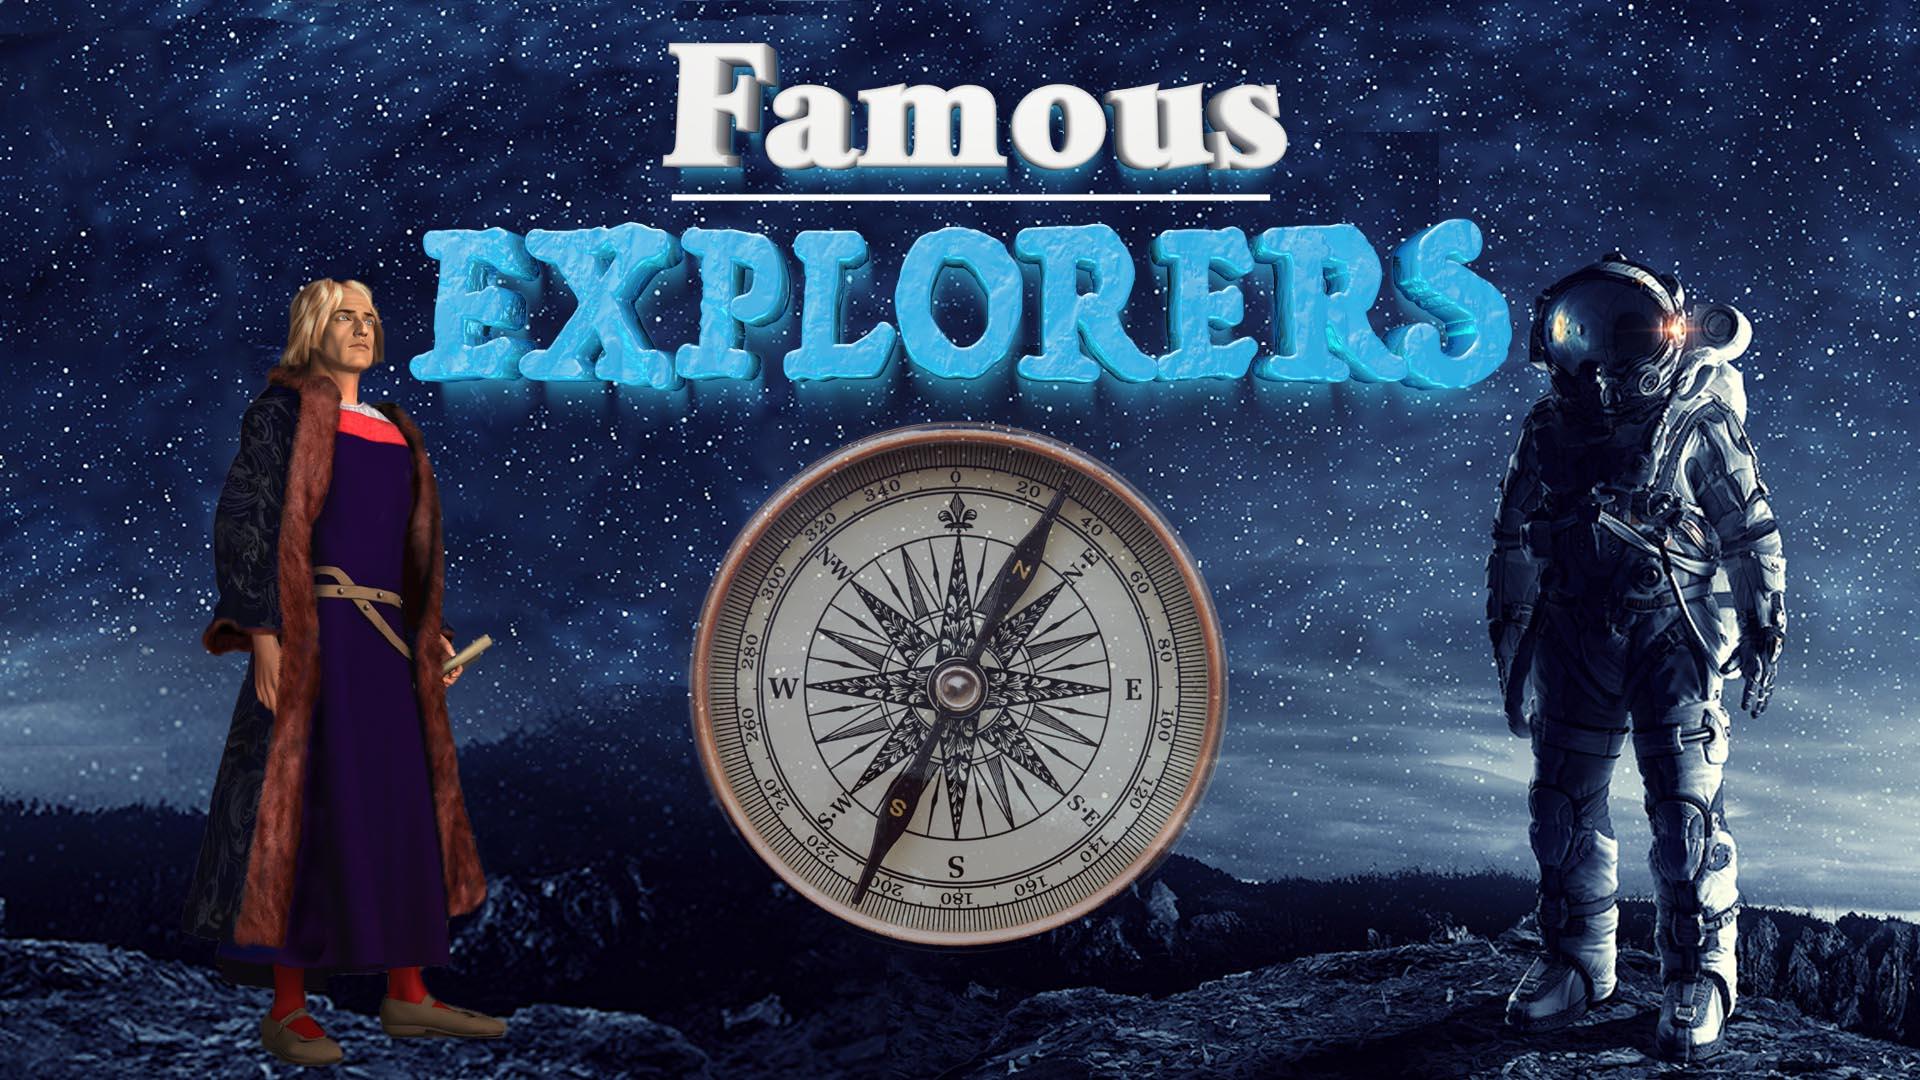 Famous Explorers -